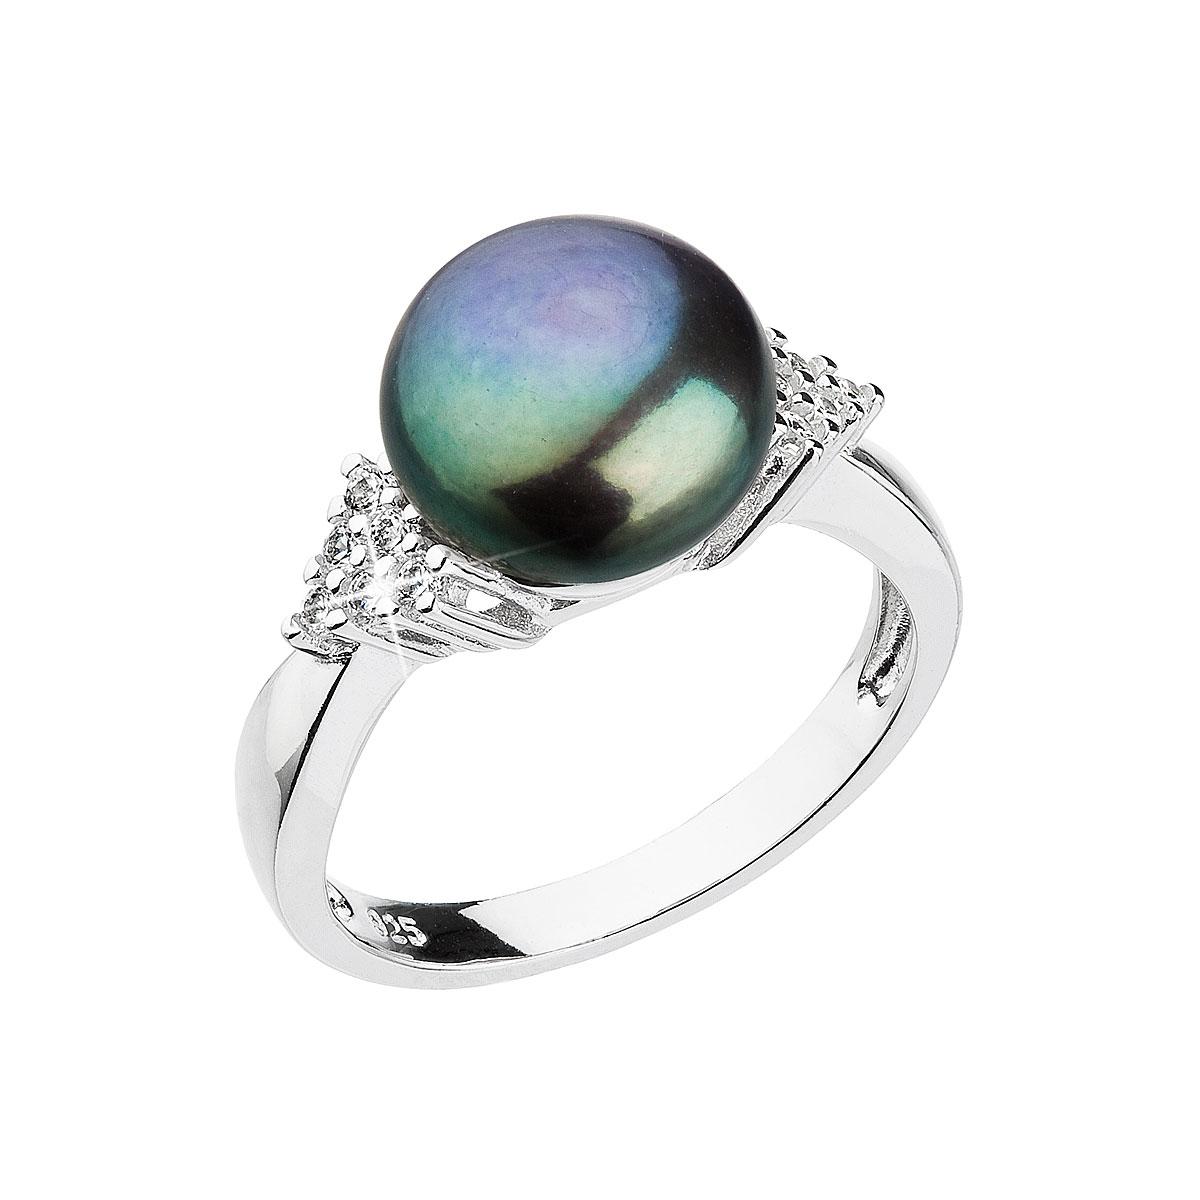 Strieborný prsteň s modrou riečnou perlou 25002.3